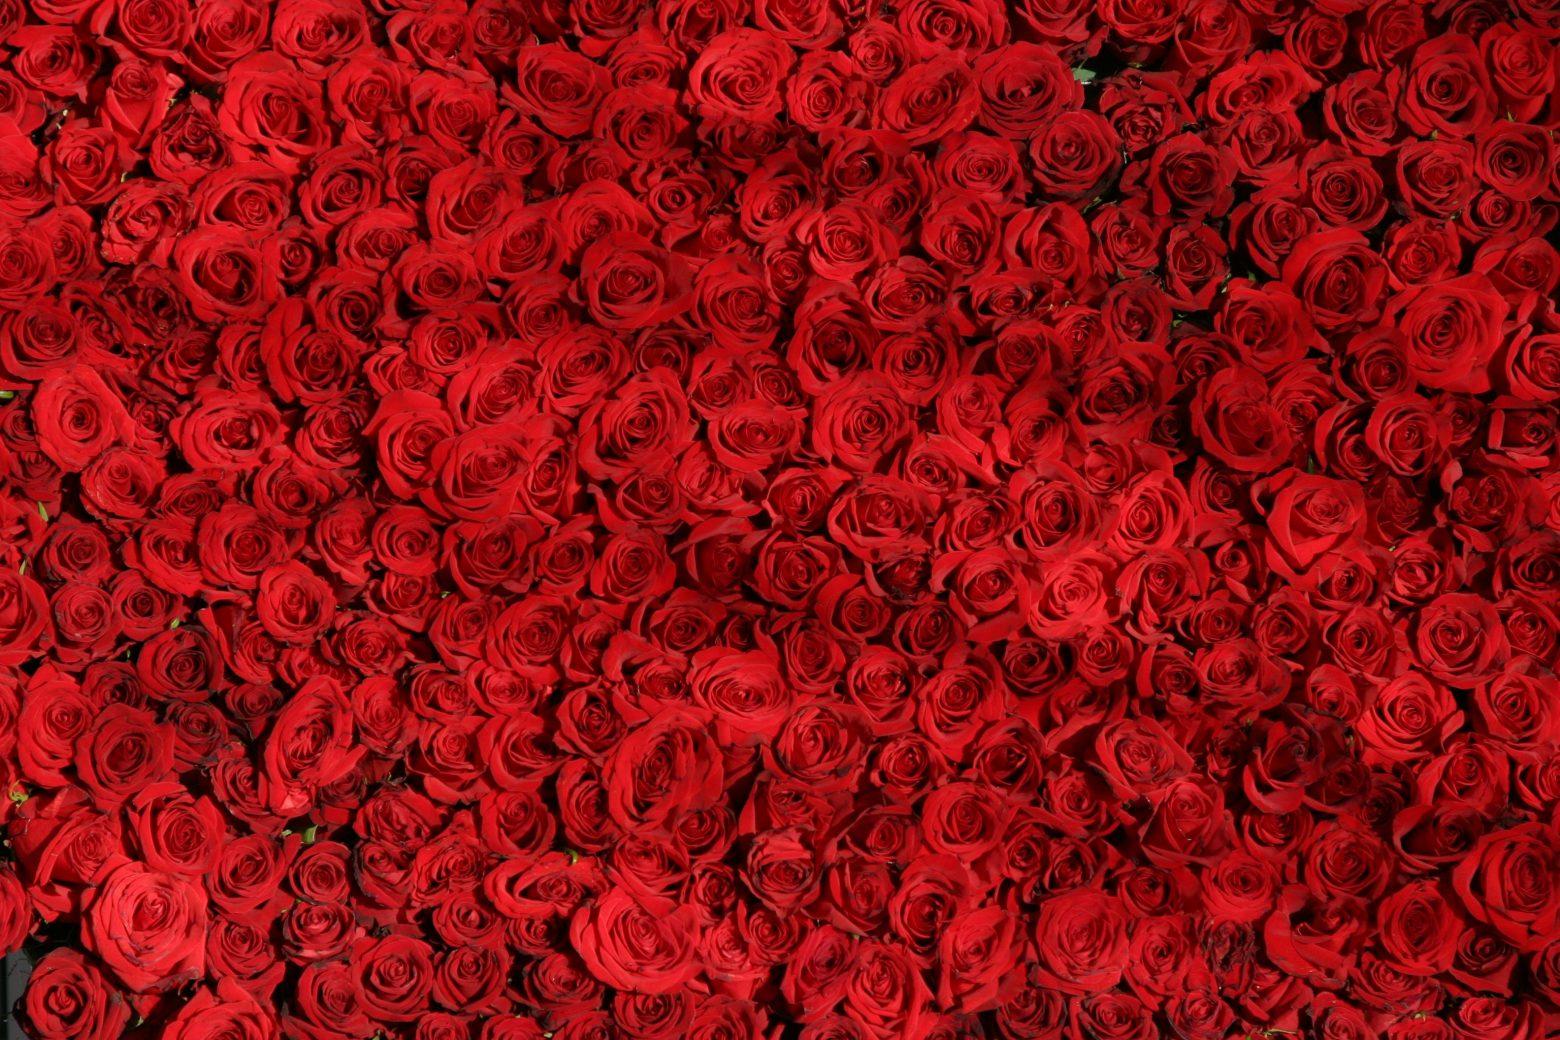 rose-374318